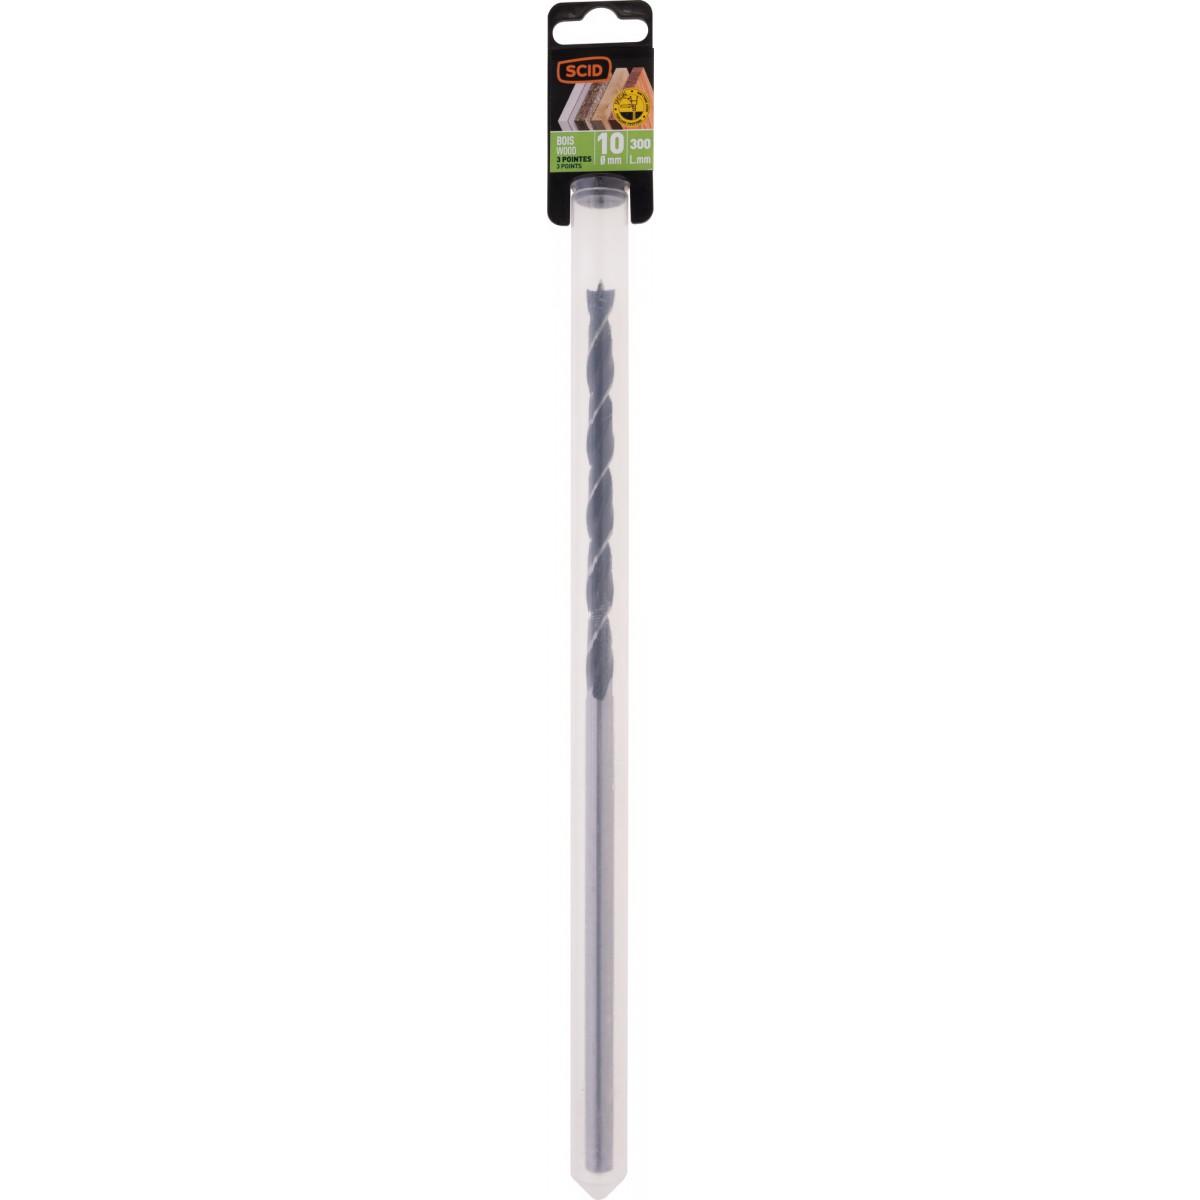 Mèche à bois 3 pointes SCID - Longueur 300 mm - Diamètre 10 mm